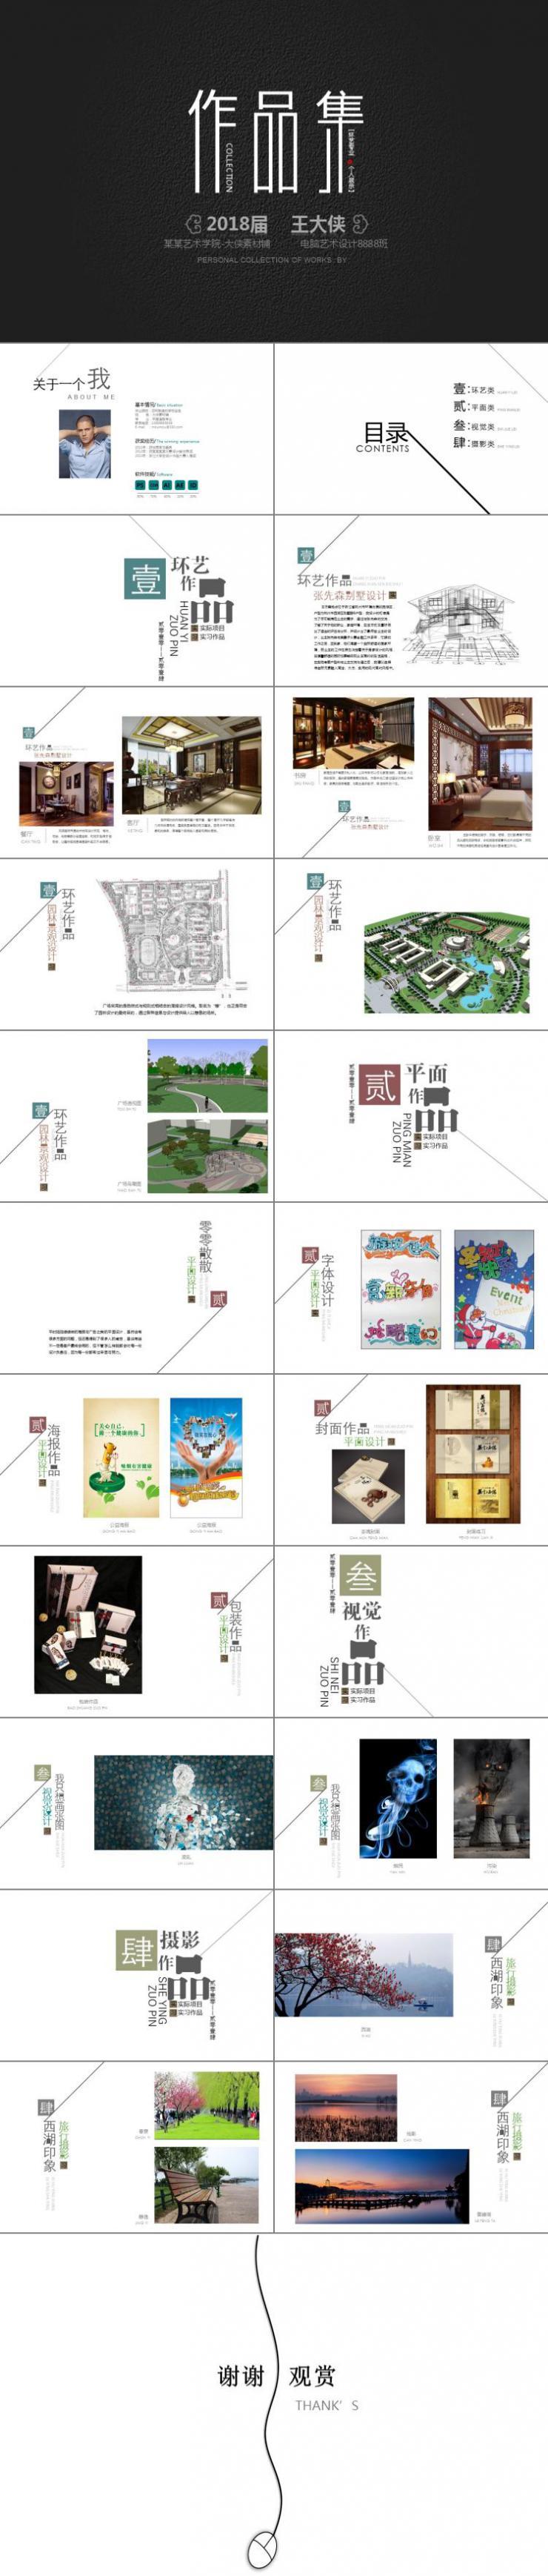 艺术专业个人展示作品集PPT模板